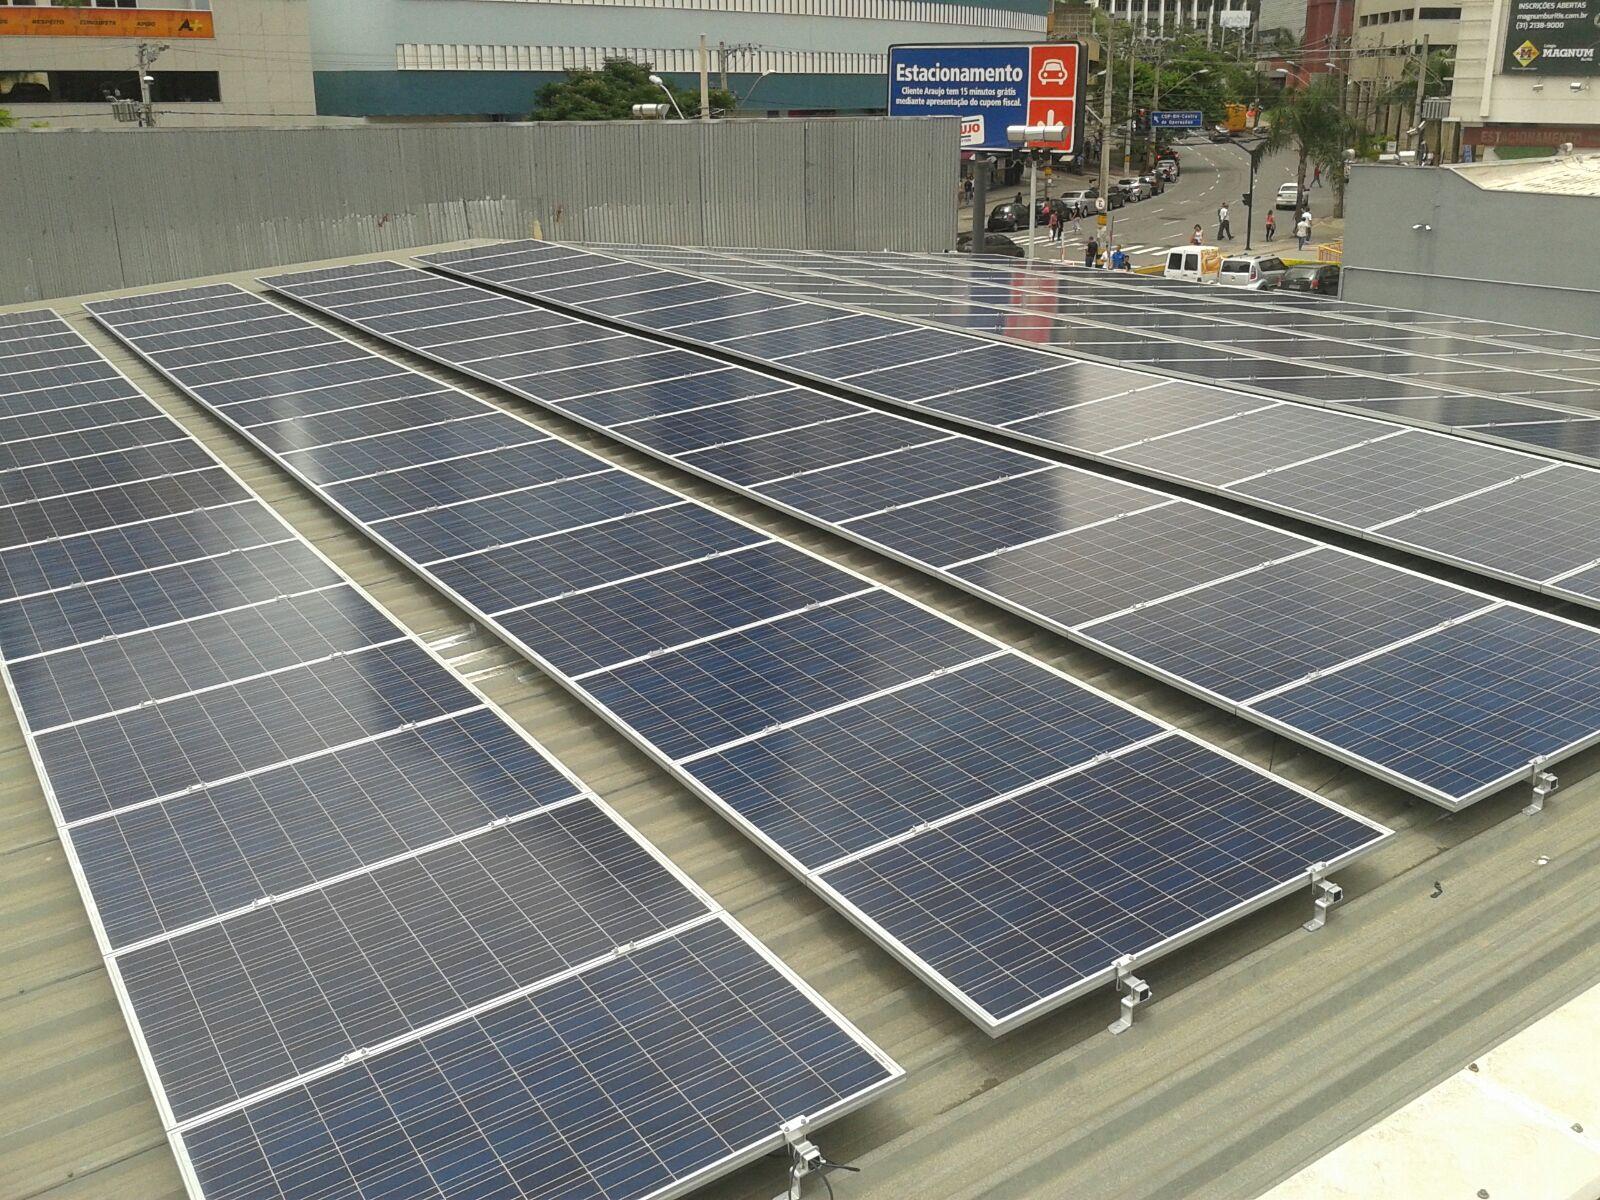 Drogasil aposta em mini-usinas solares próprias para abastecer lojas